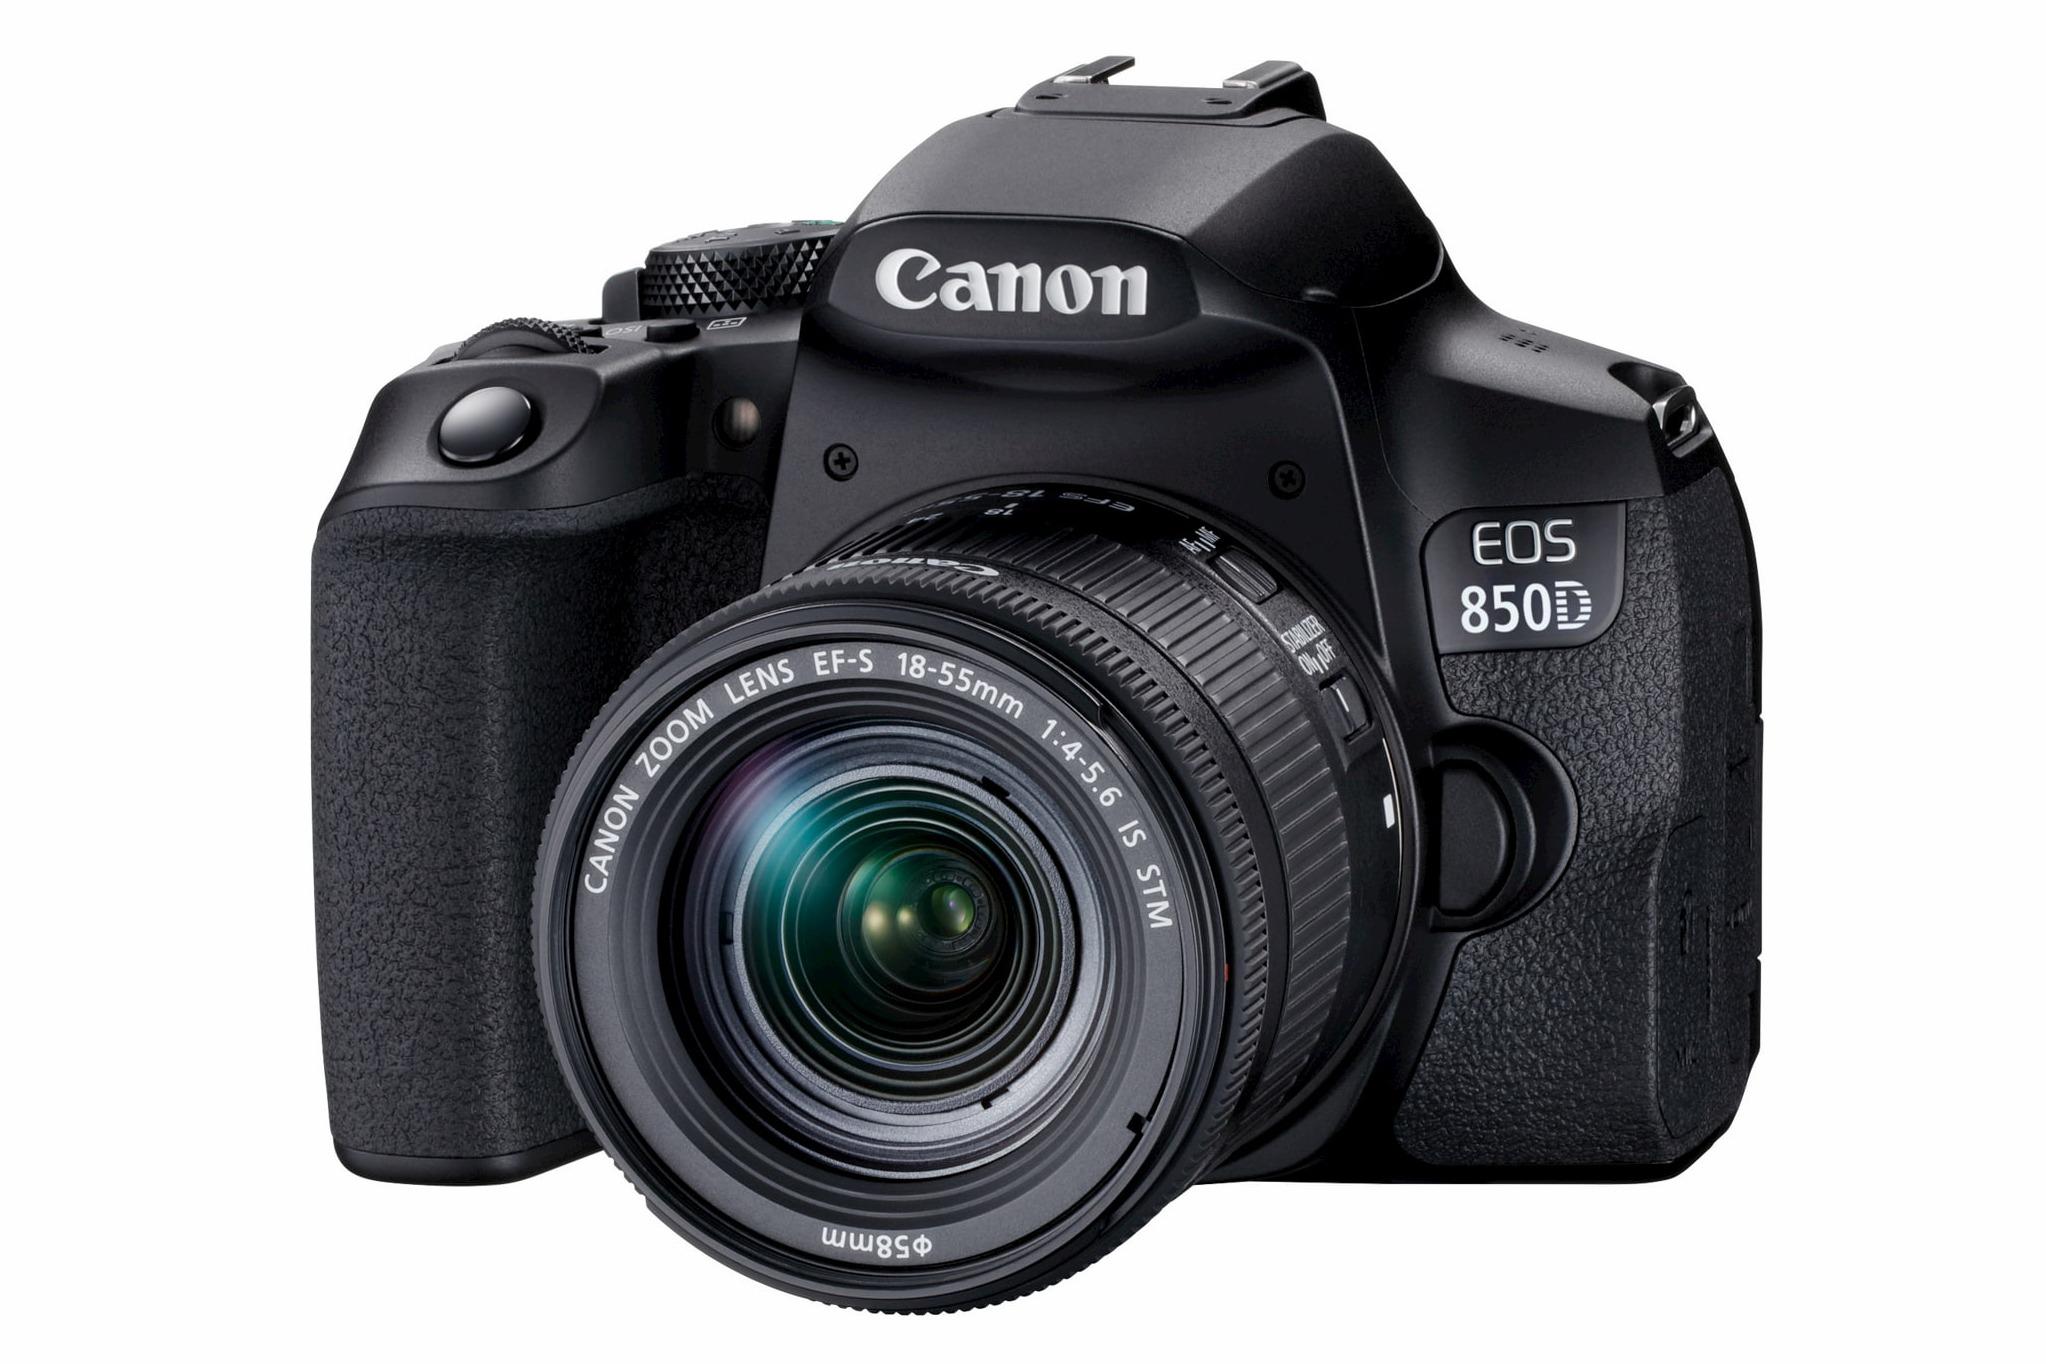 東京奧運殺手出現?Canon 官方自爆雷,宣布超強規格新相機 EOS R5 �在「開發�」